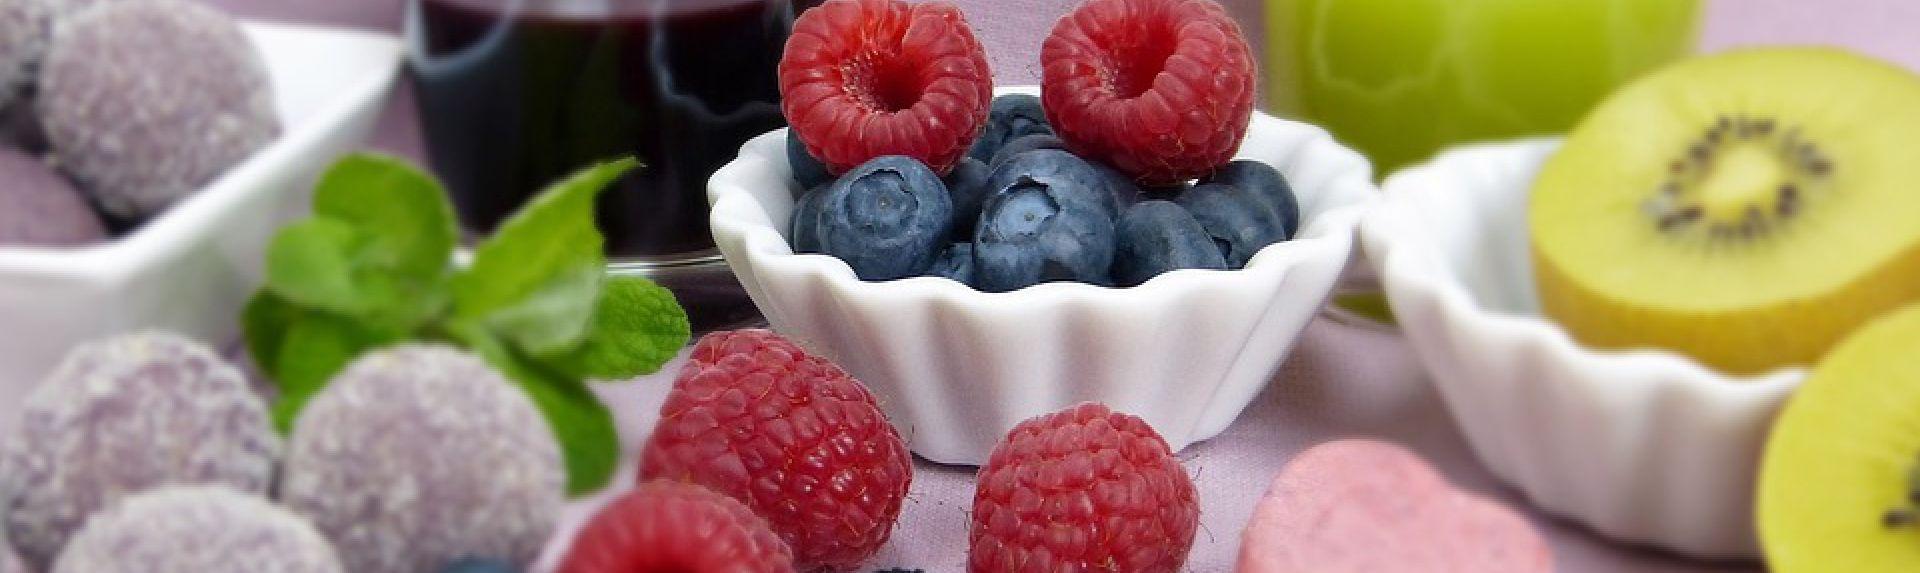 Чем вредны экстремальные диеты?